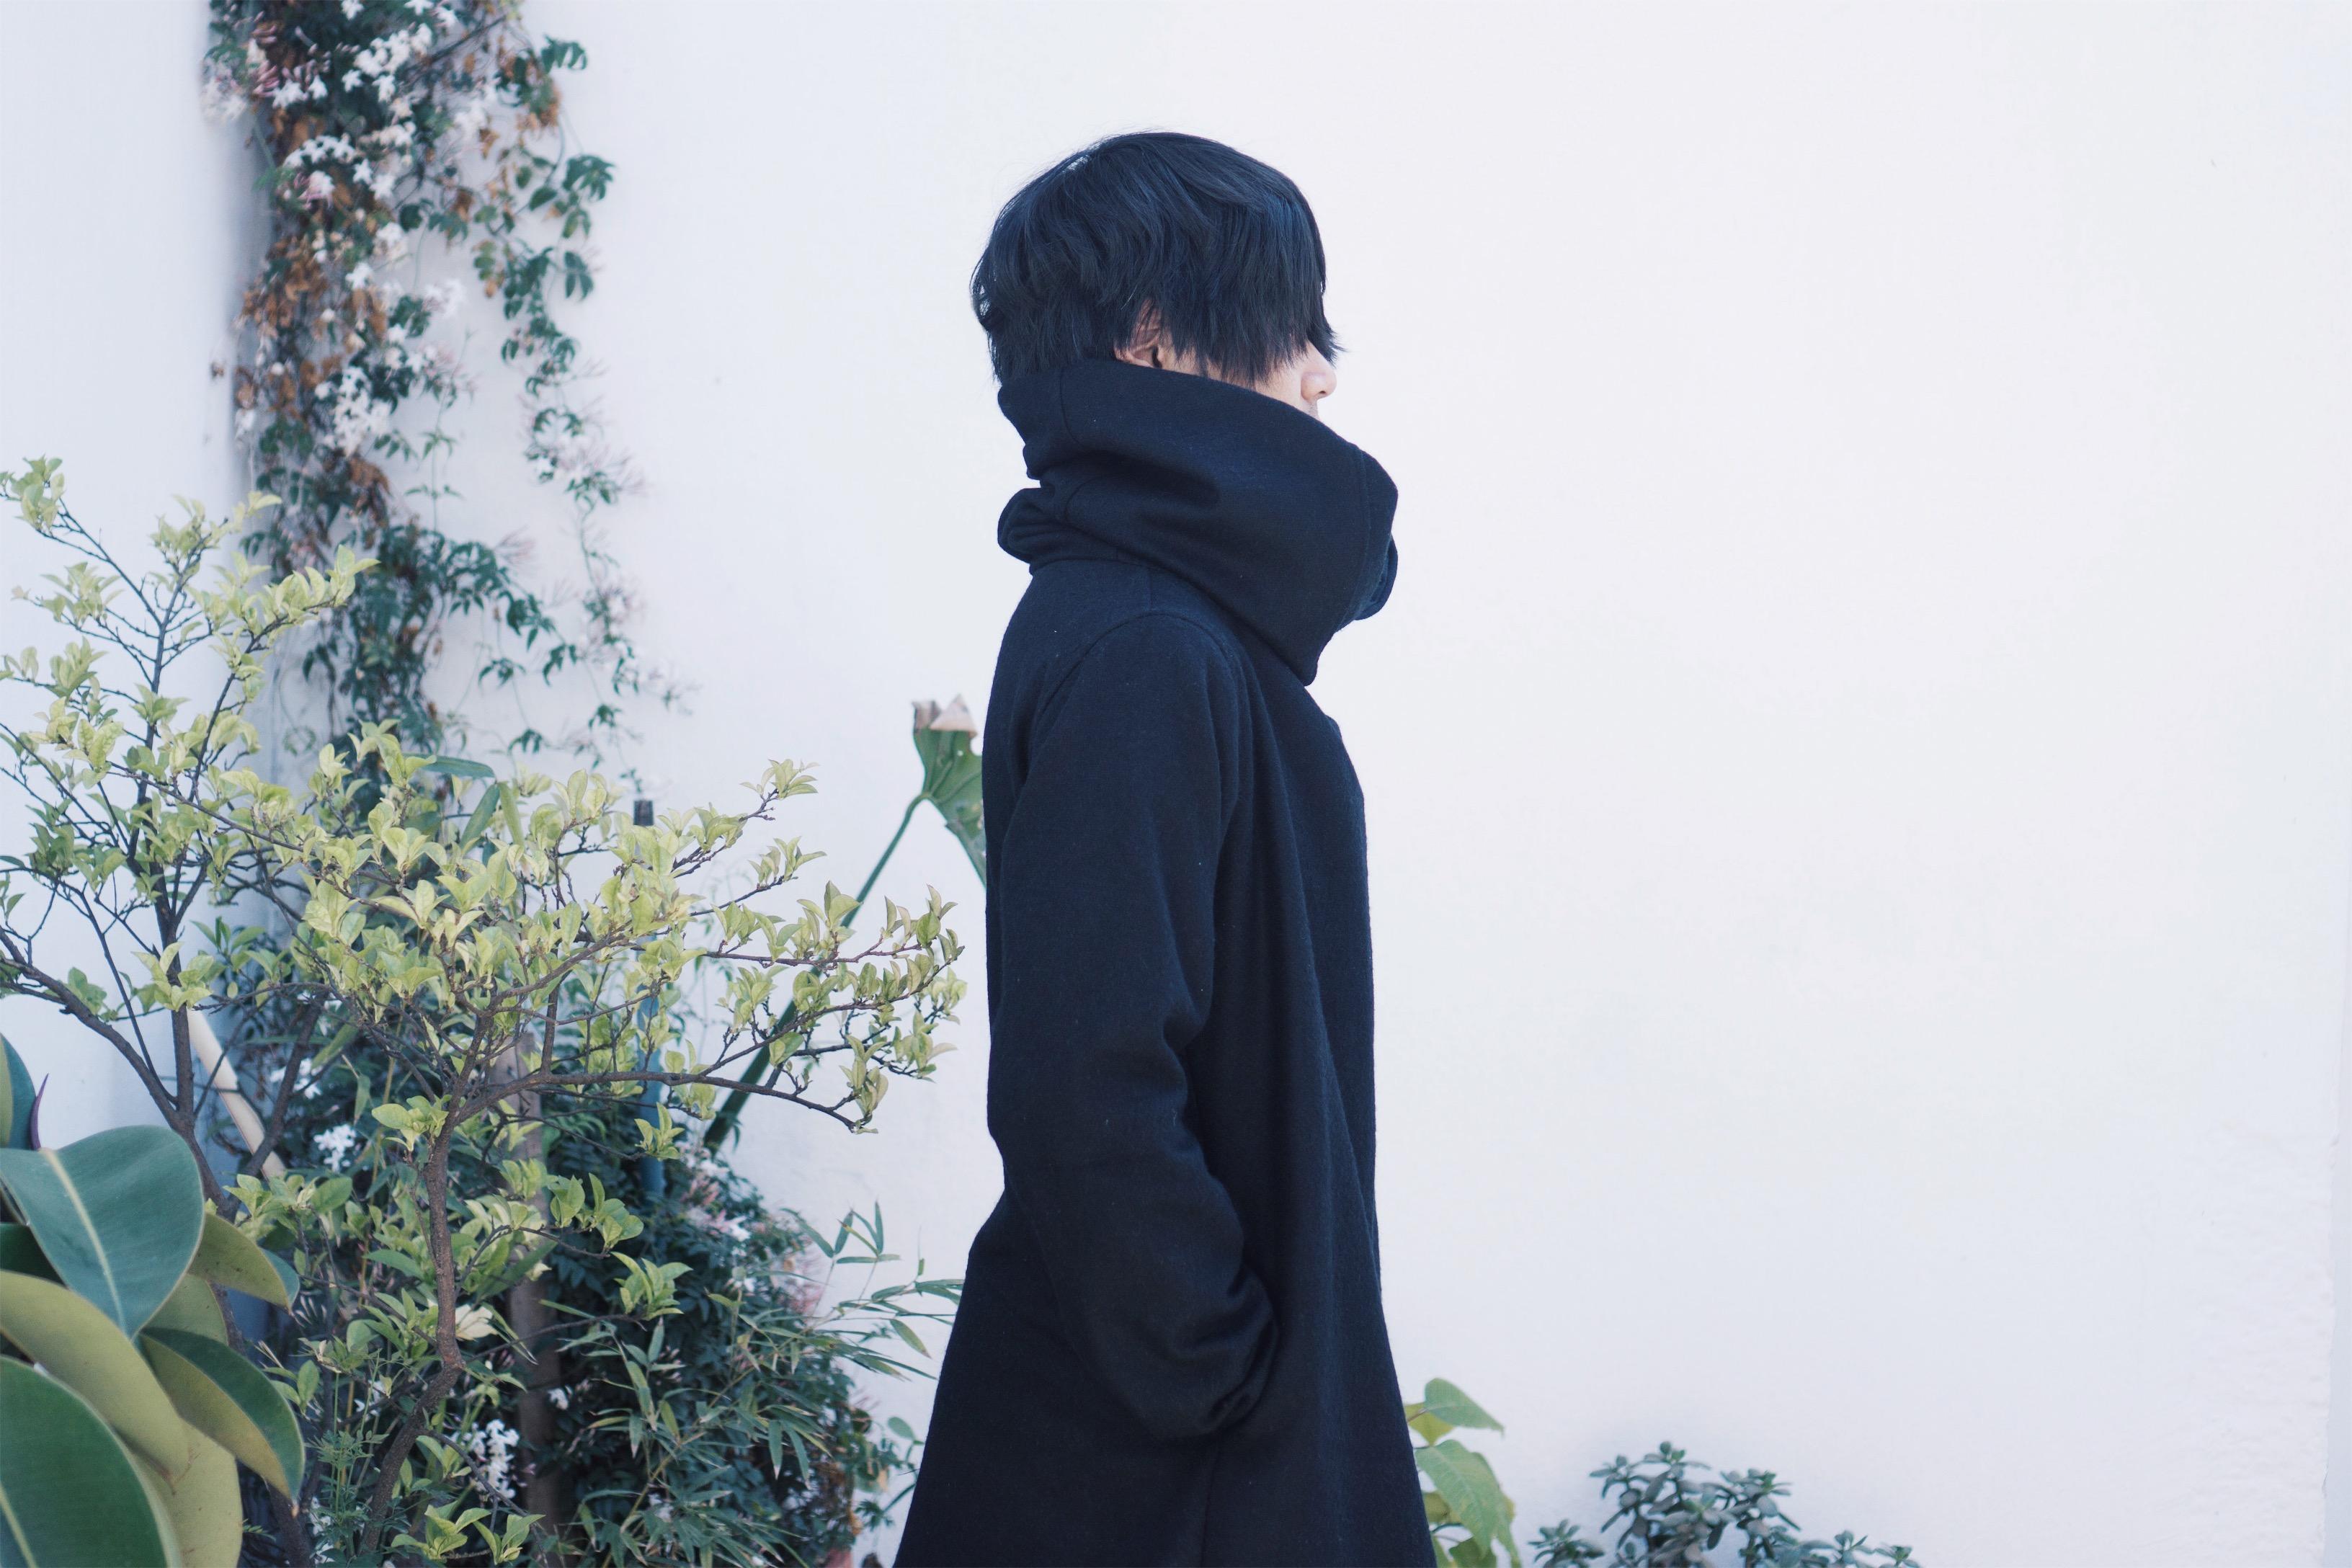 ネパール・ポカラの仕立て屋さんが作った黒のウールコート|旅先で惹かれたもの No.1